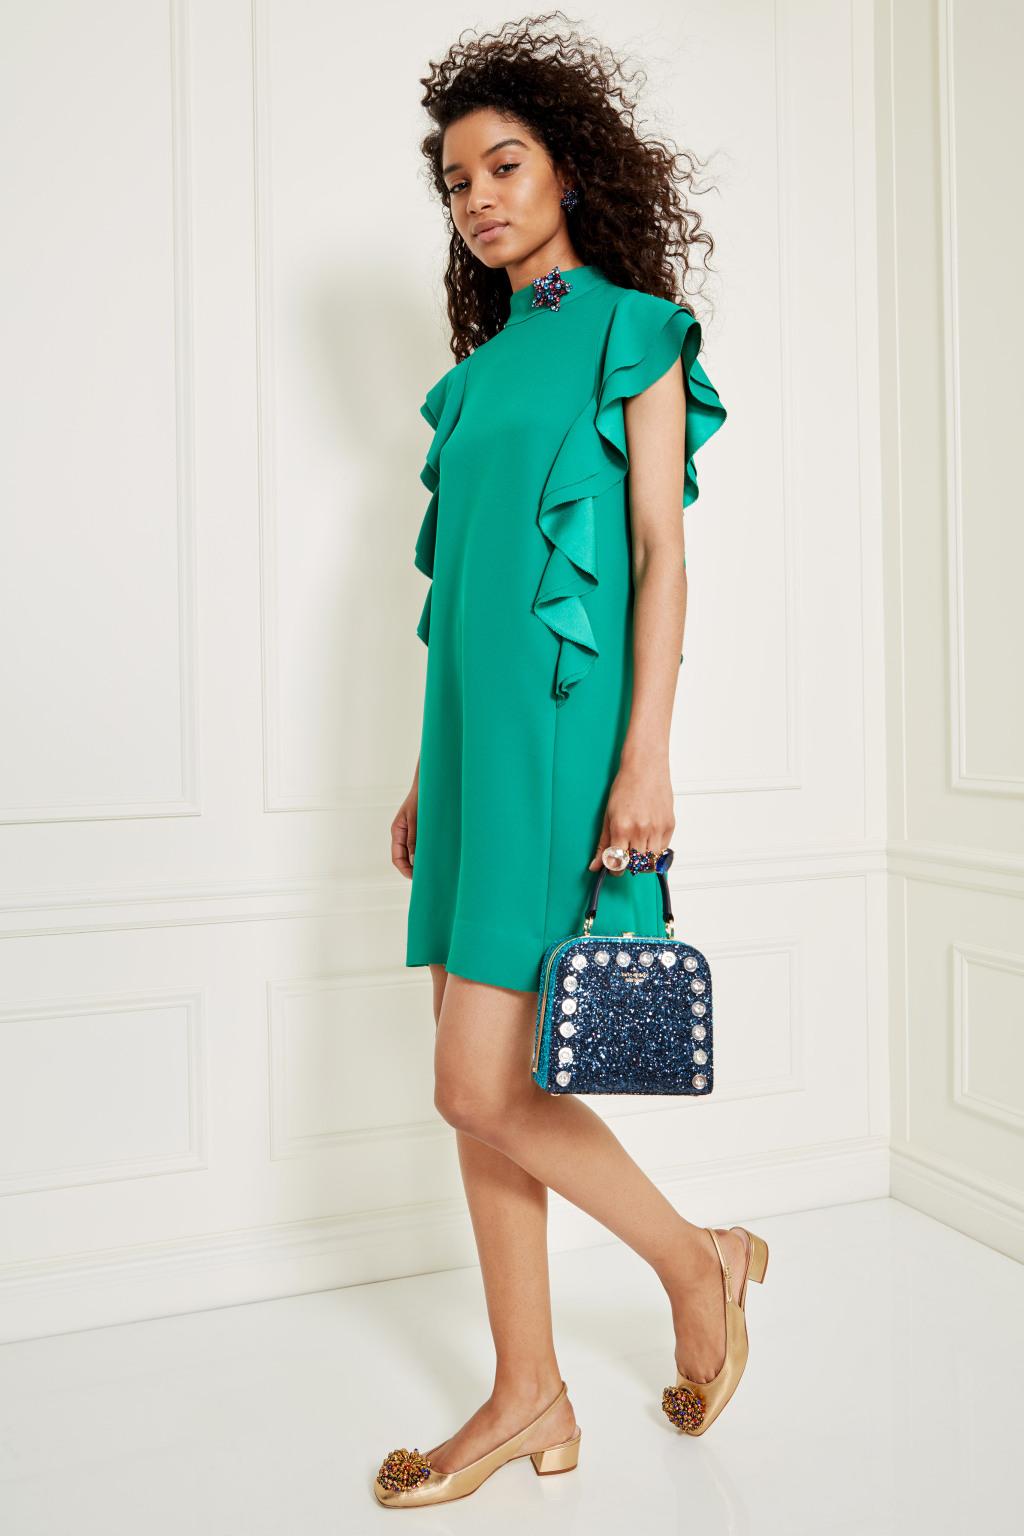 Воланы на зеленом платье– модные тенденции этого сезона фото из коллекции Kate Spade.